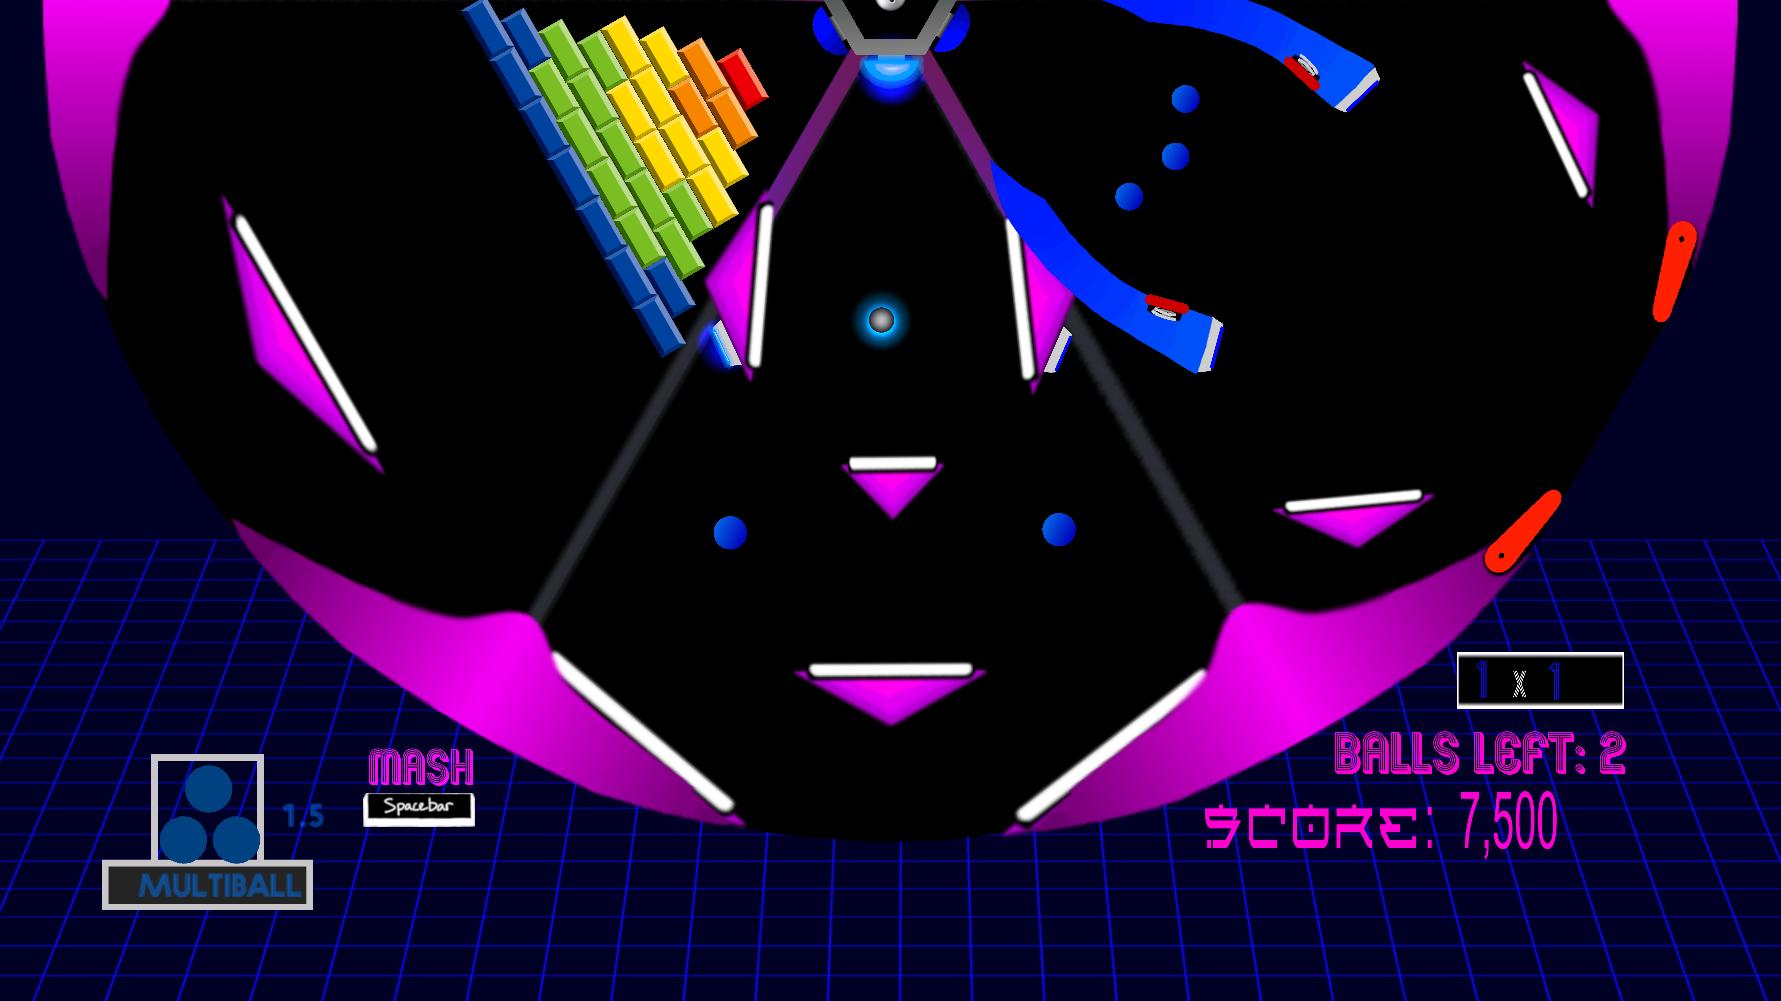 Spinball game